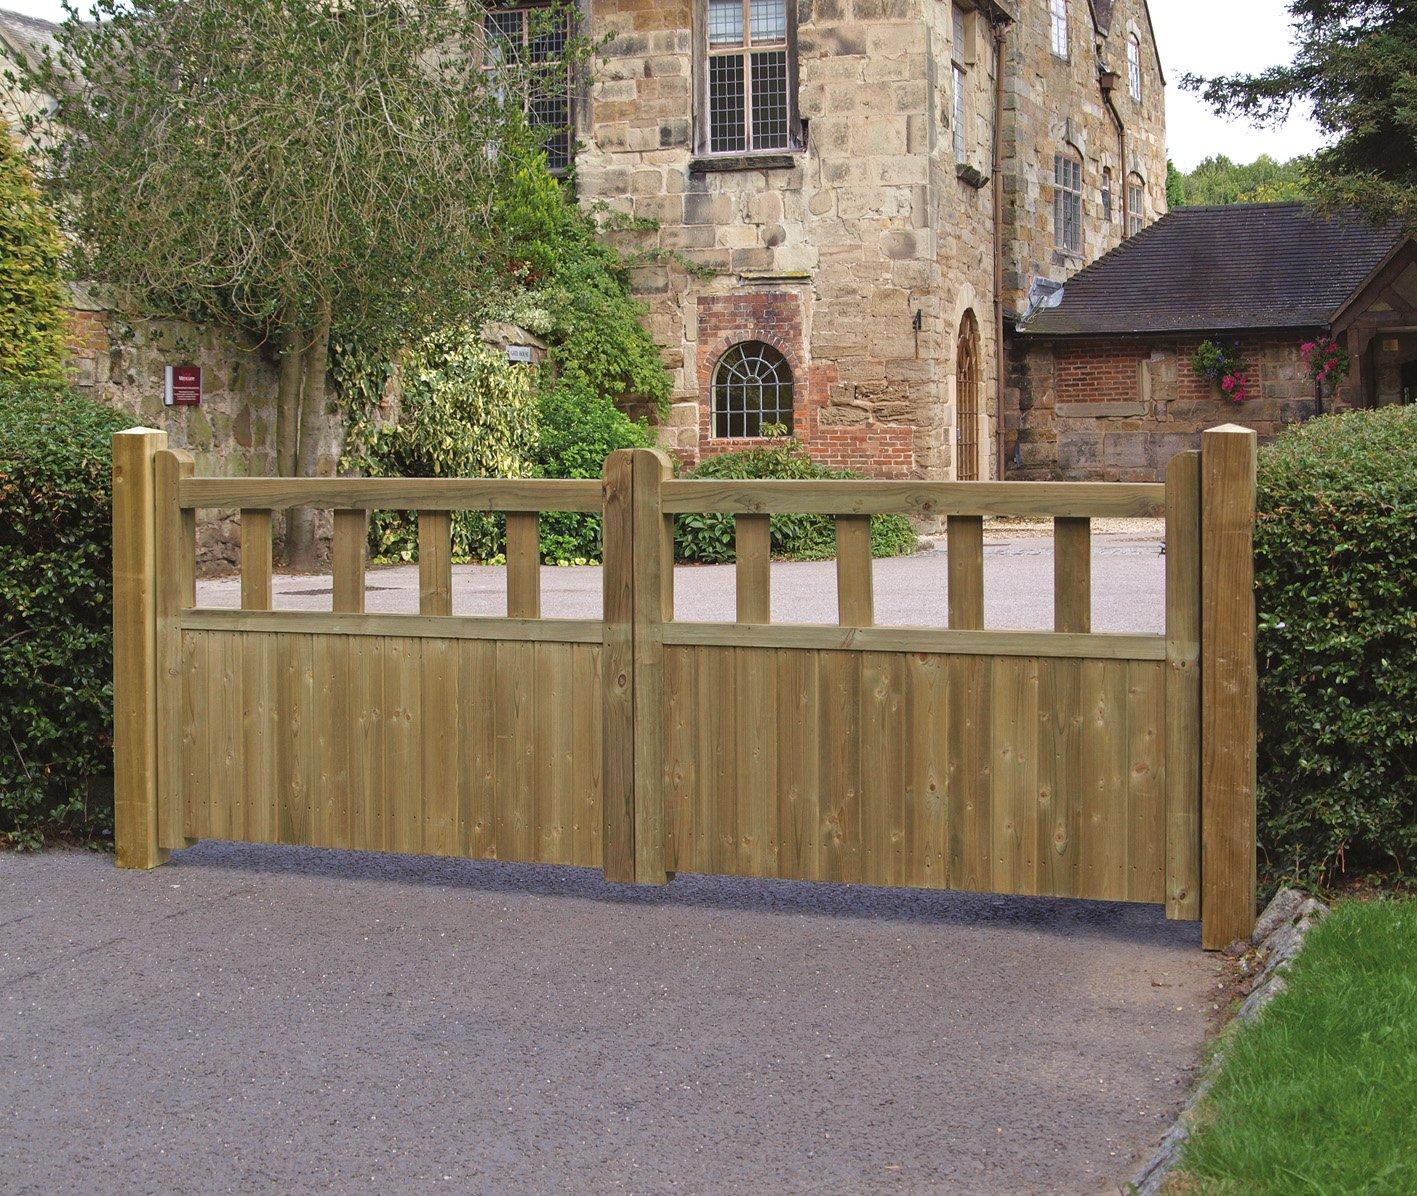 fortress driveway gates 2 4m amazon co uk kitchen u0026 home